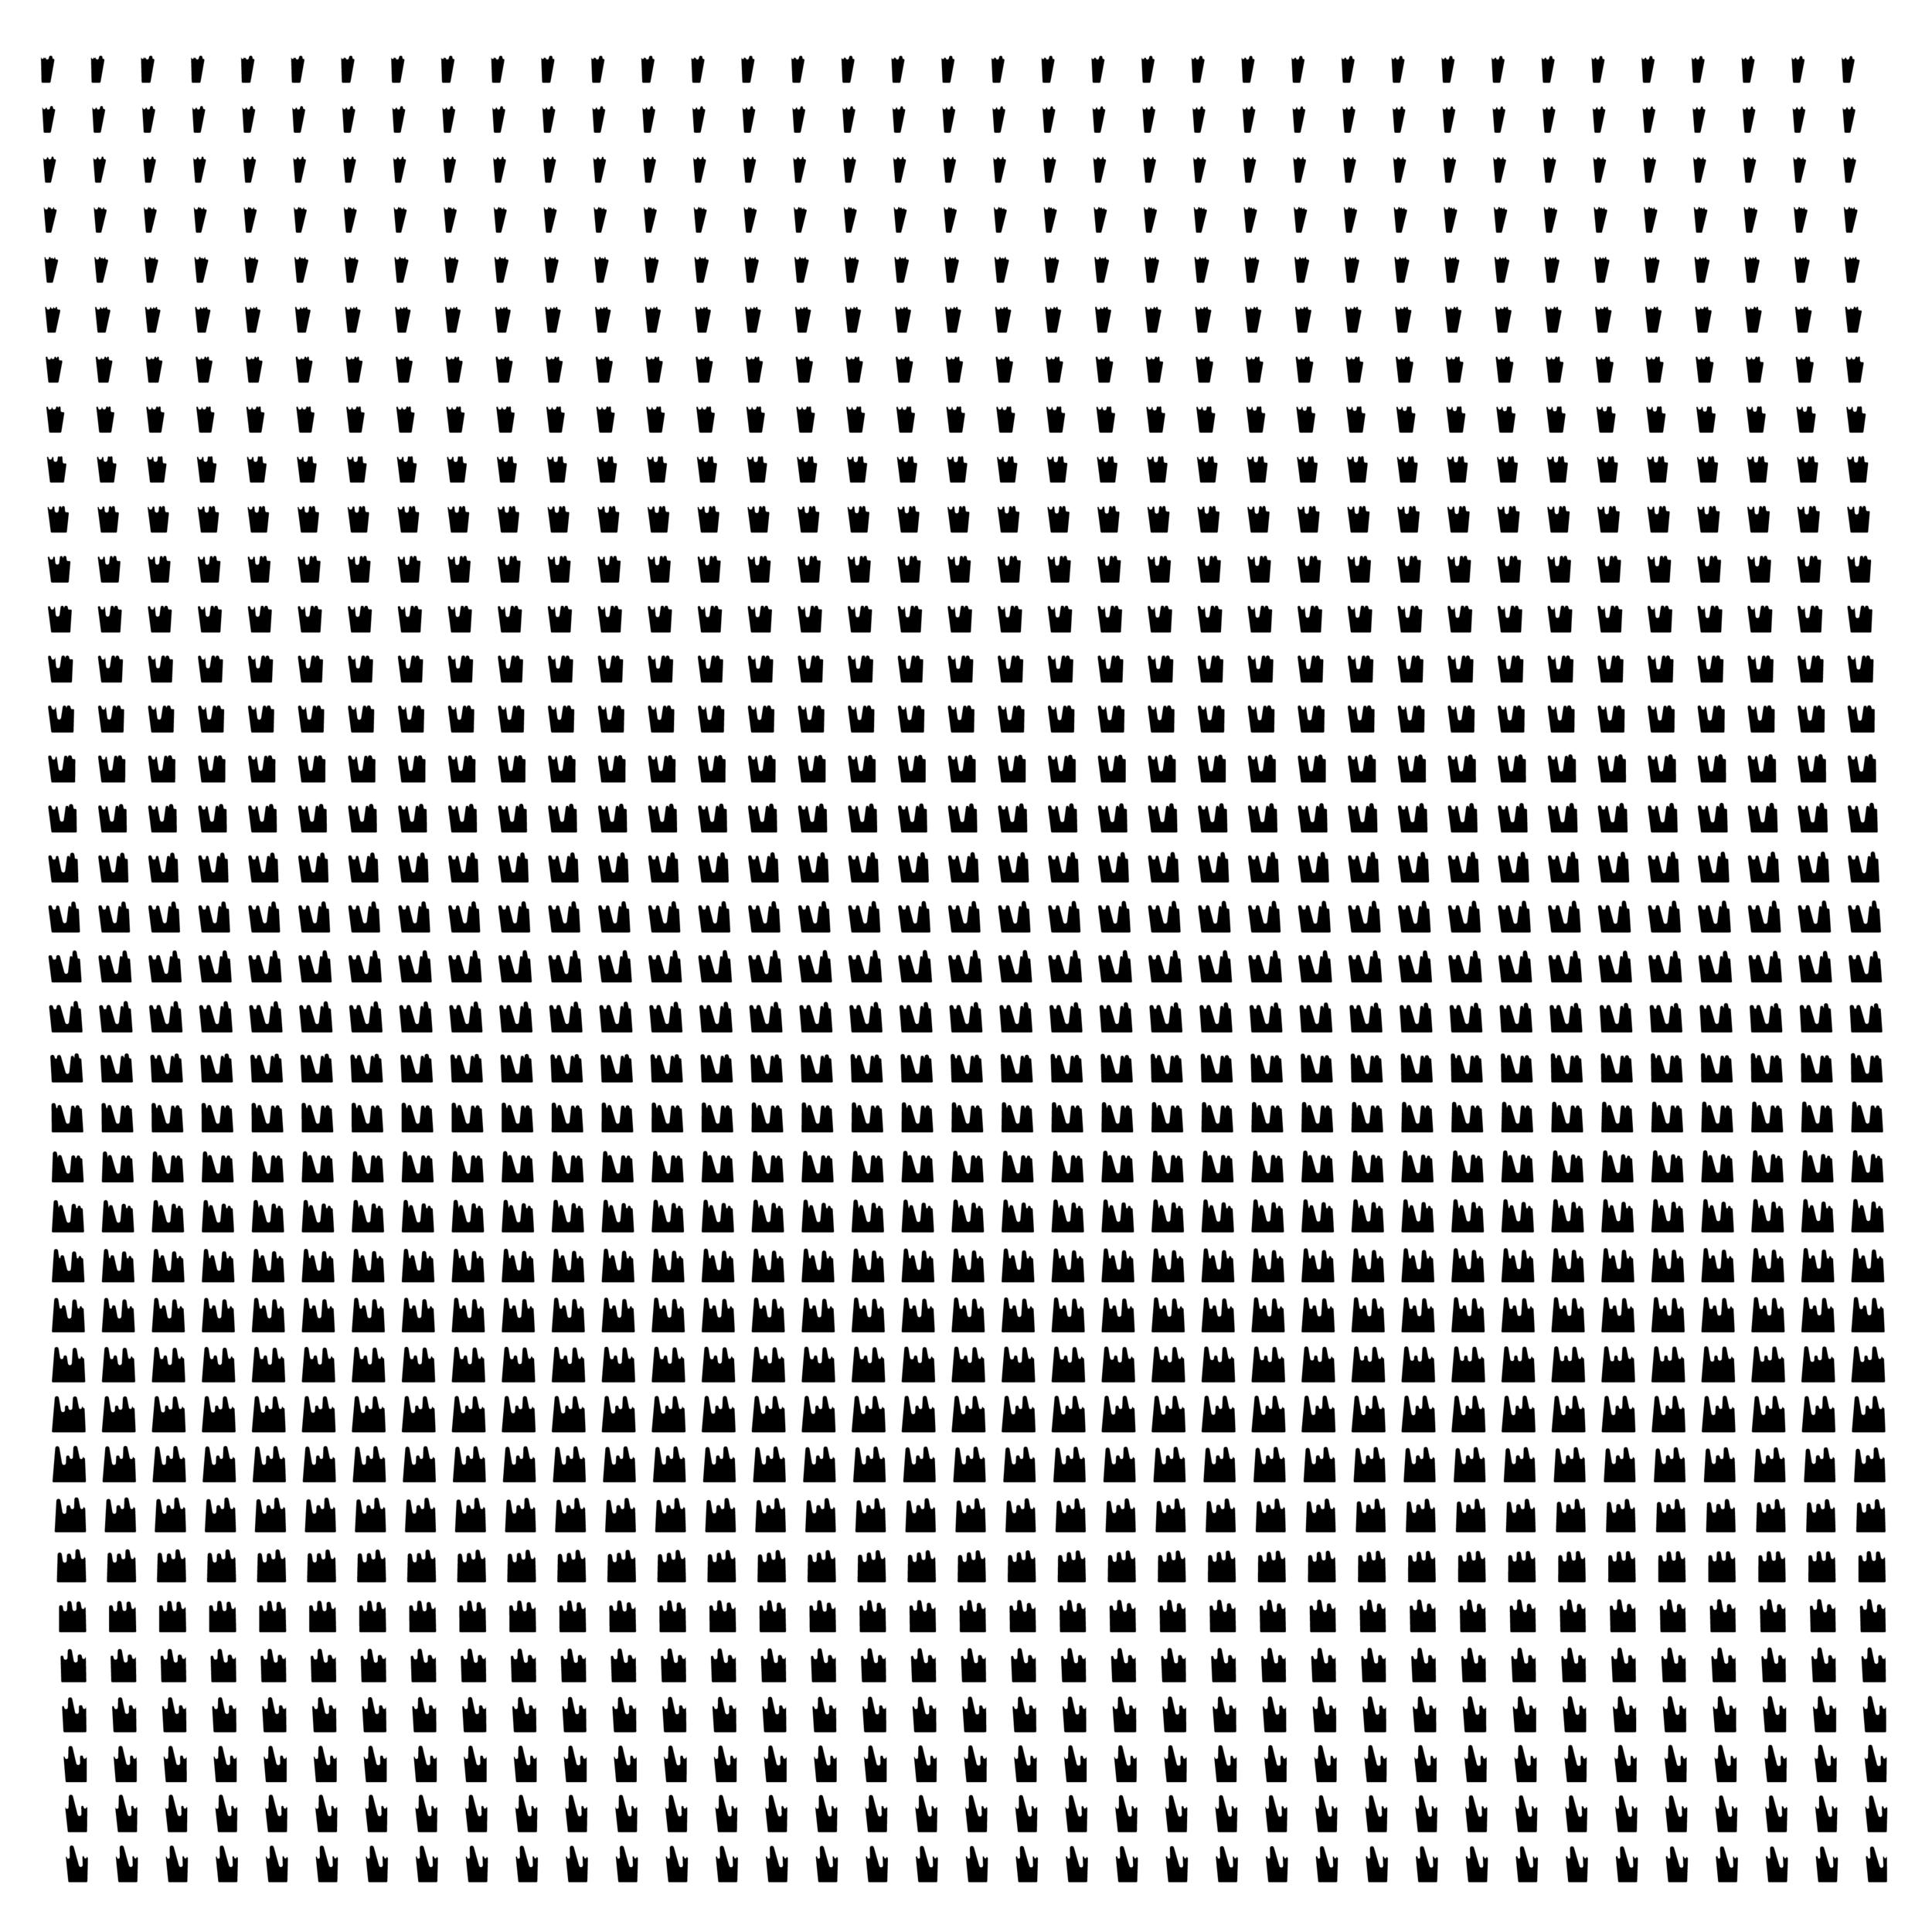 2015 10 13 figures-364.jpg